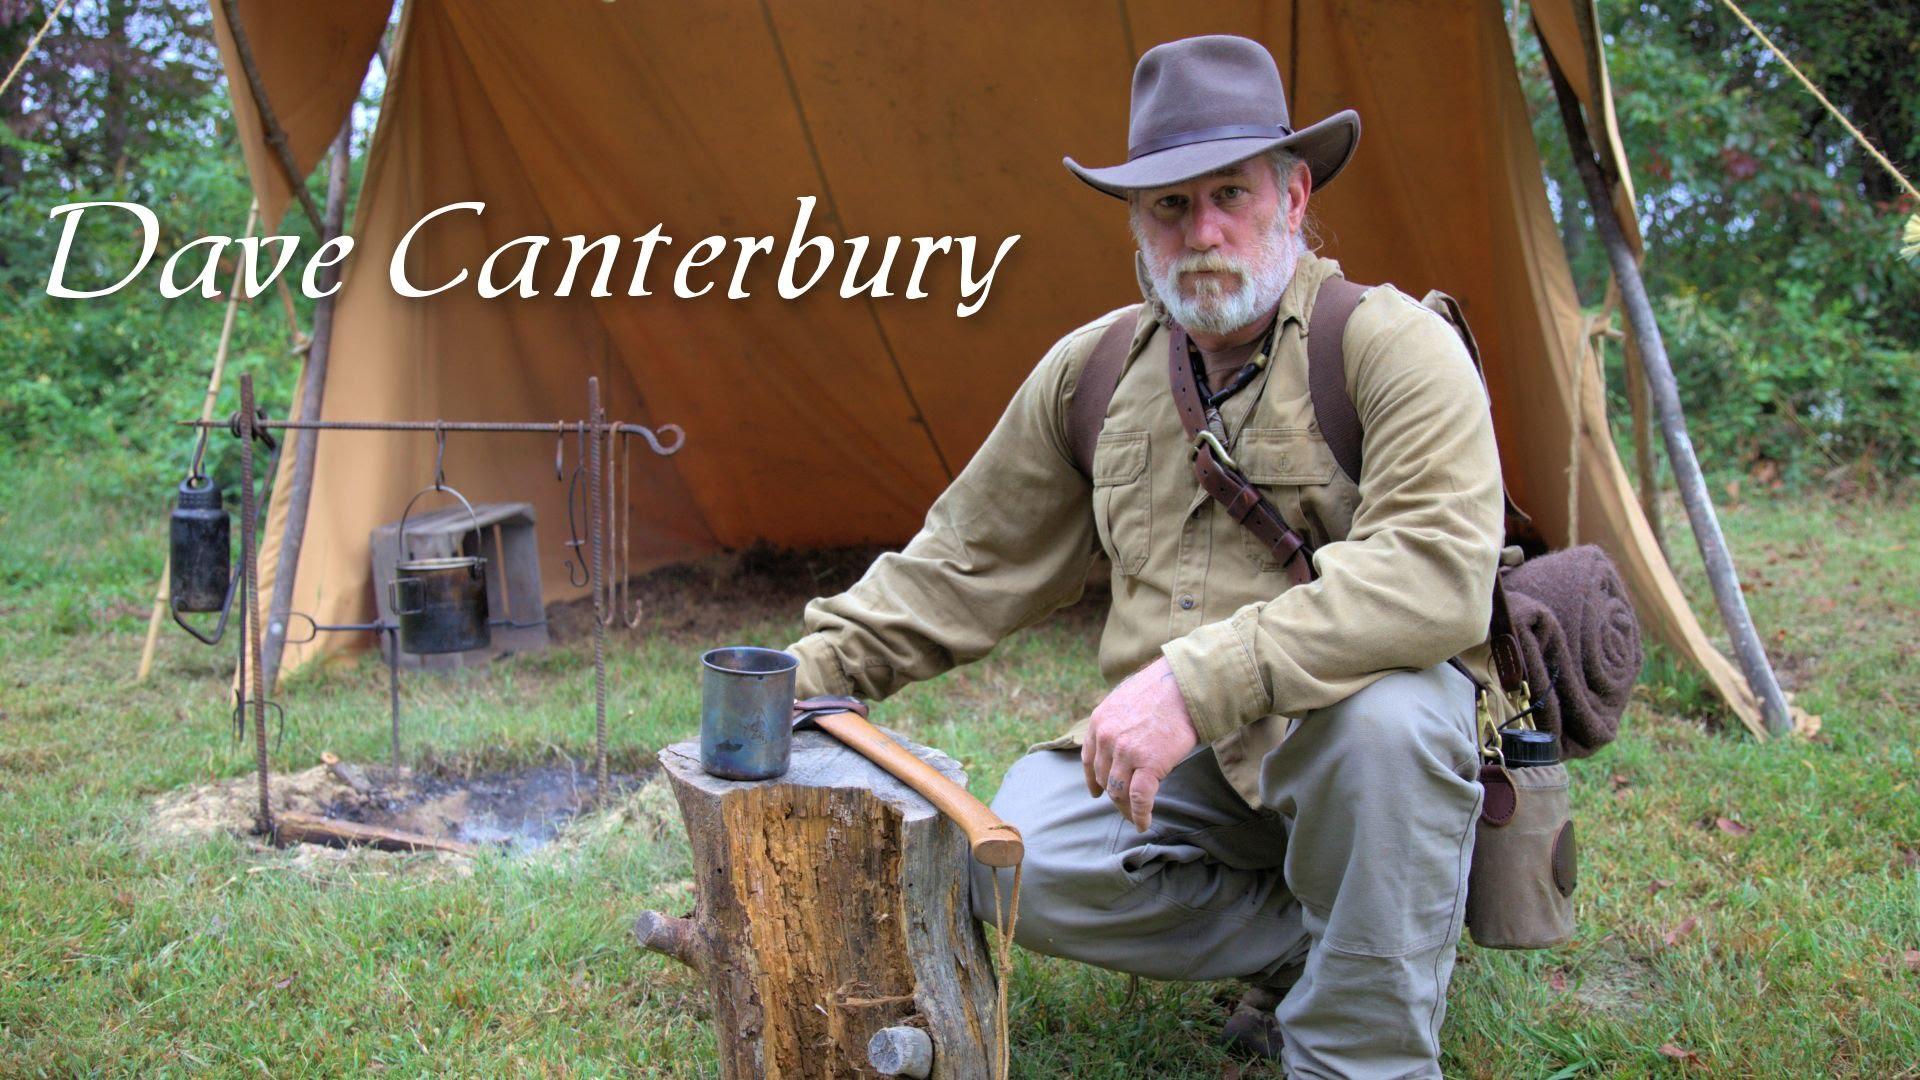 Dave Canterbury